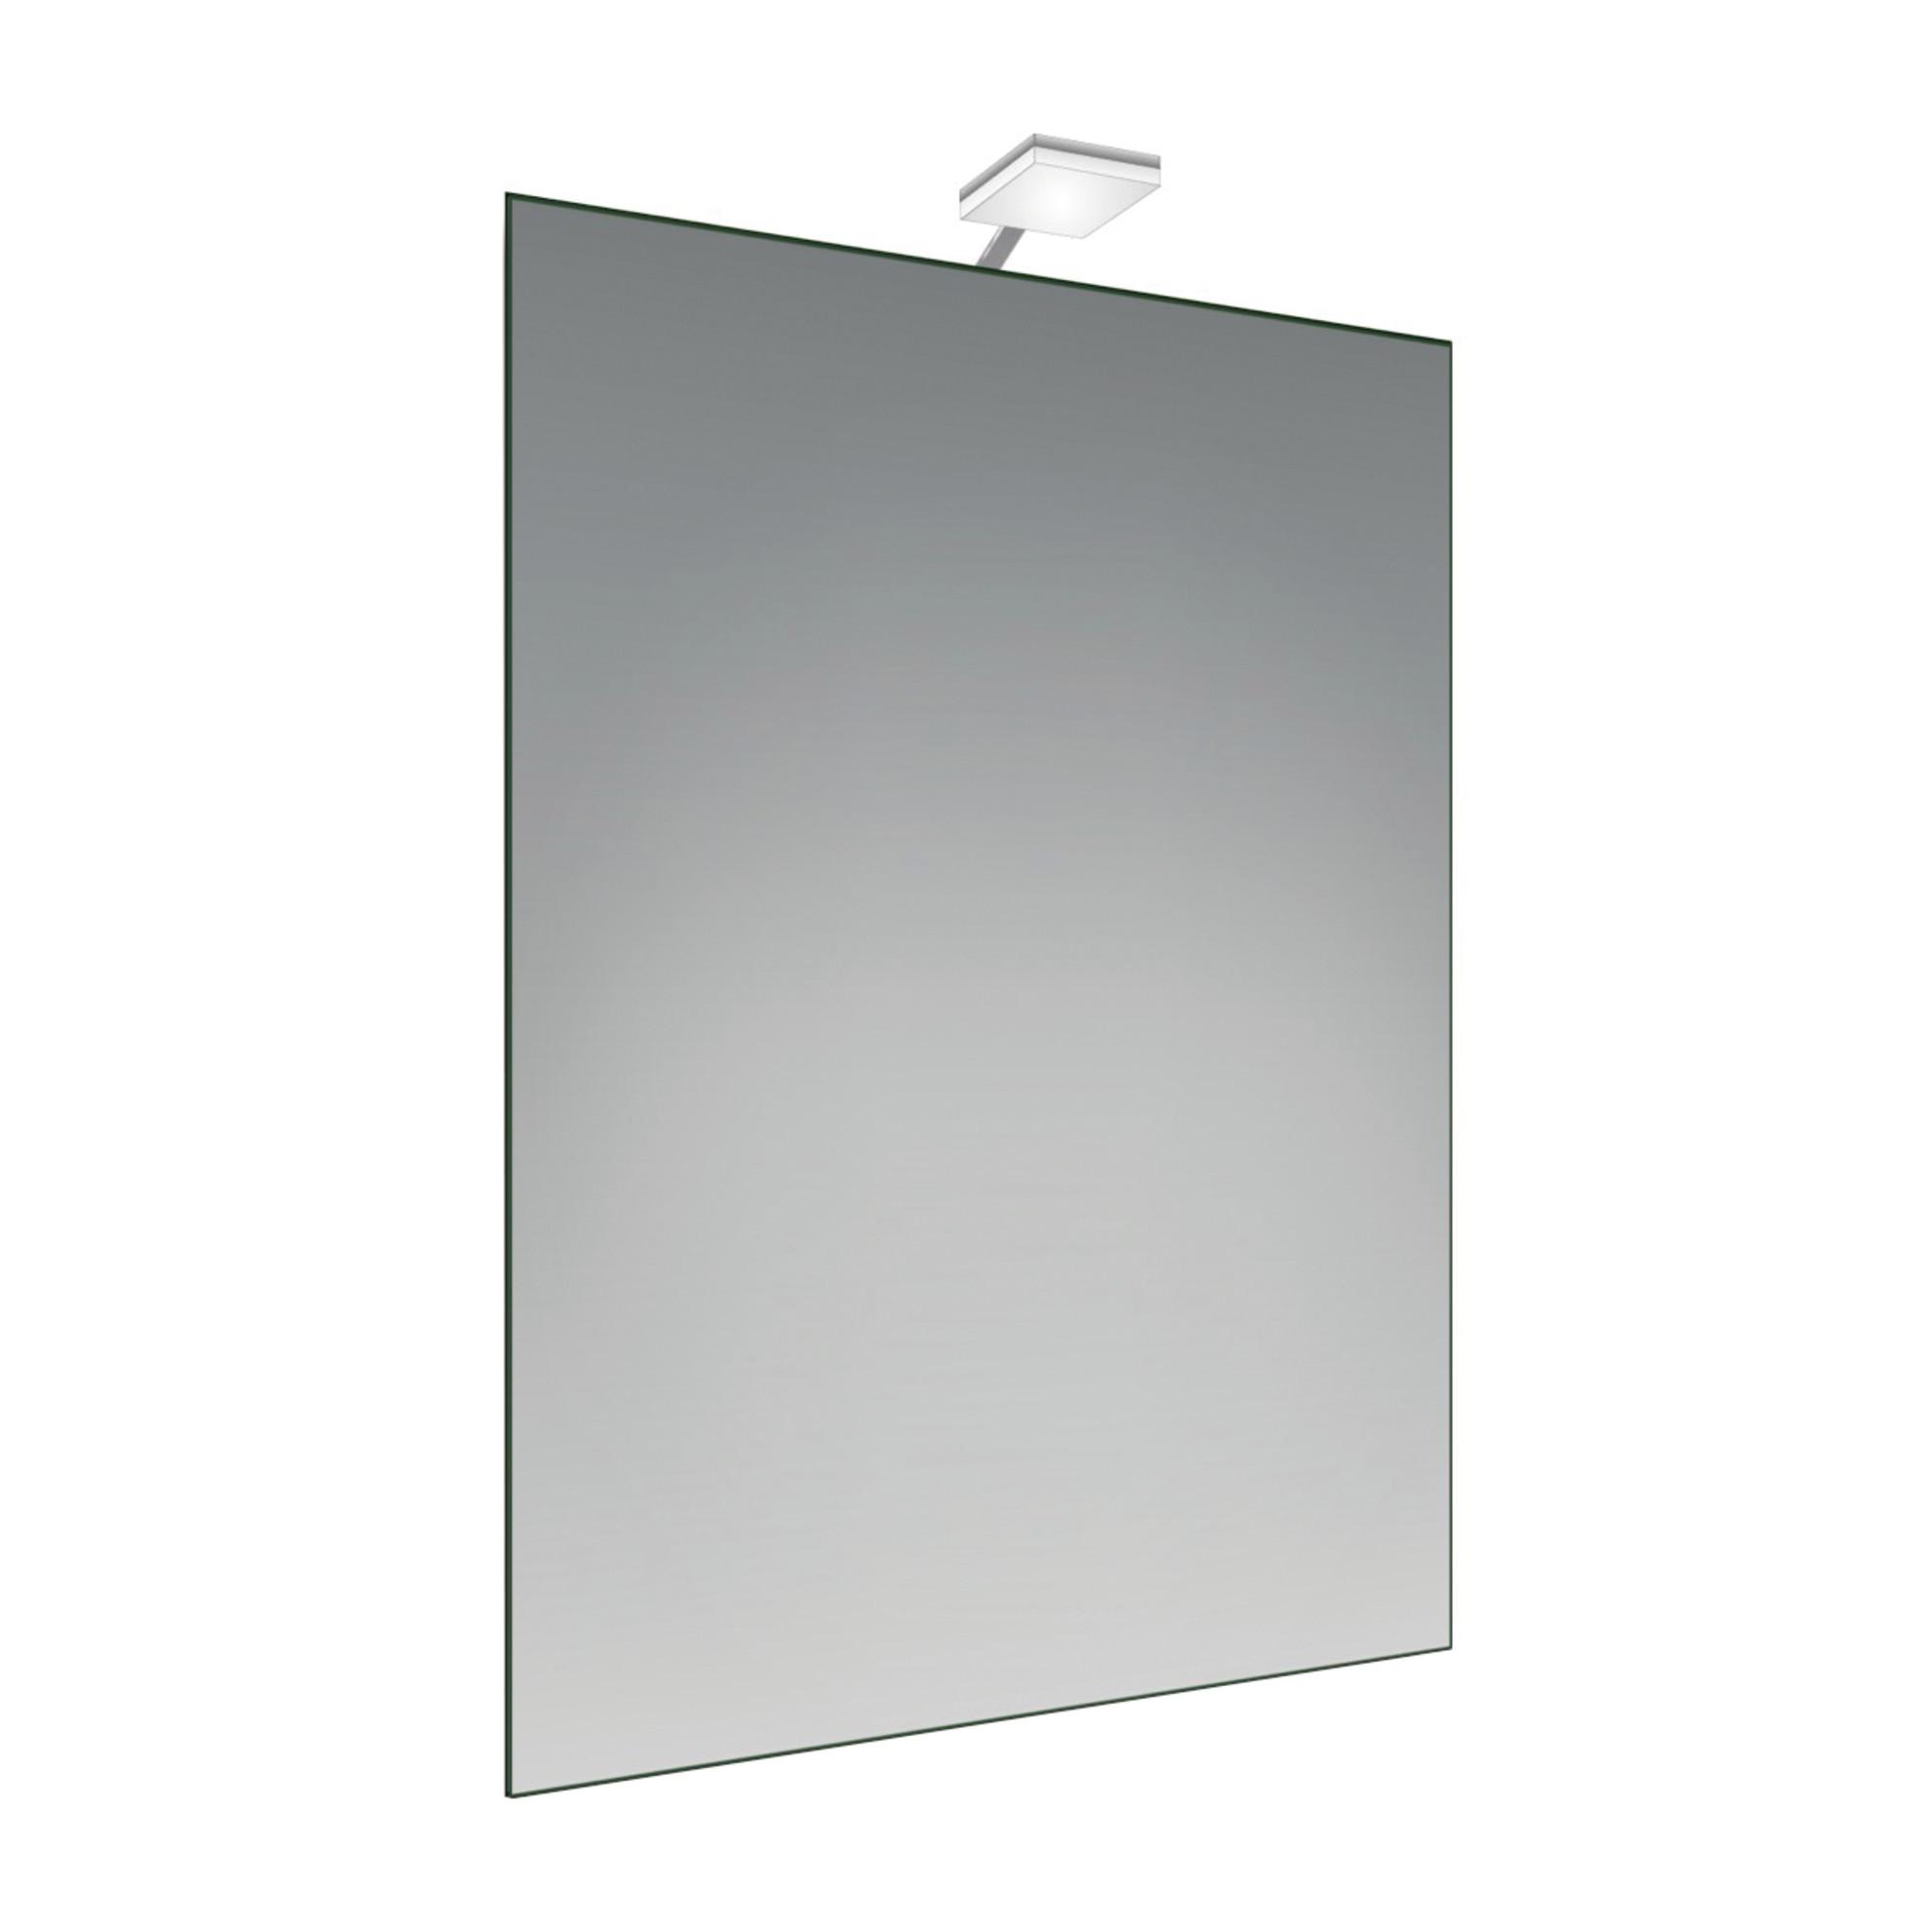 Specchi e luci per bagno : specchi e luci per bagno a roma ...